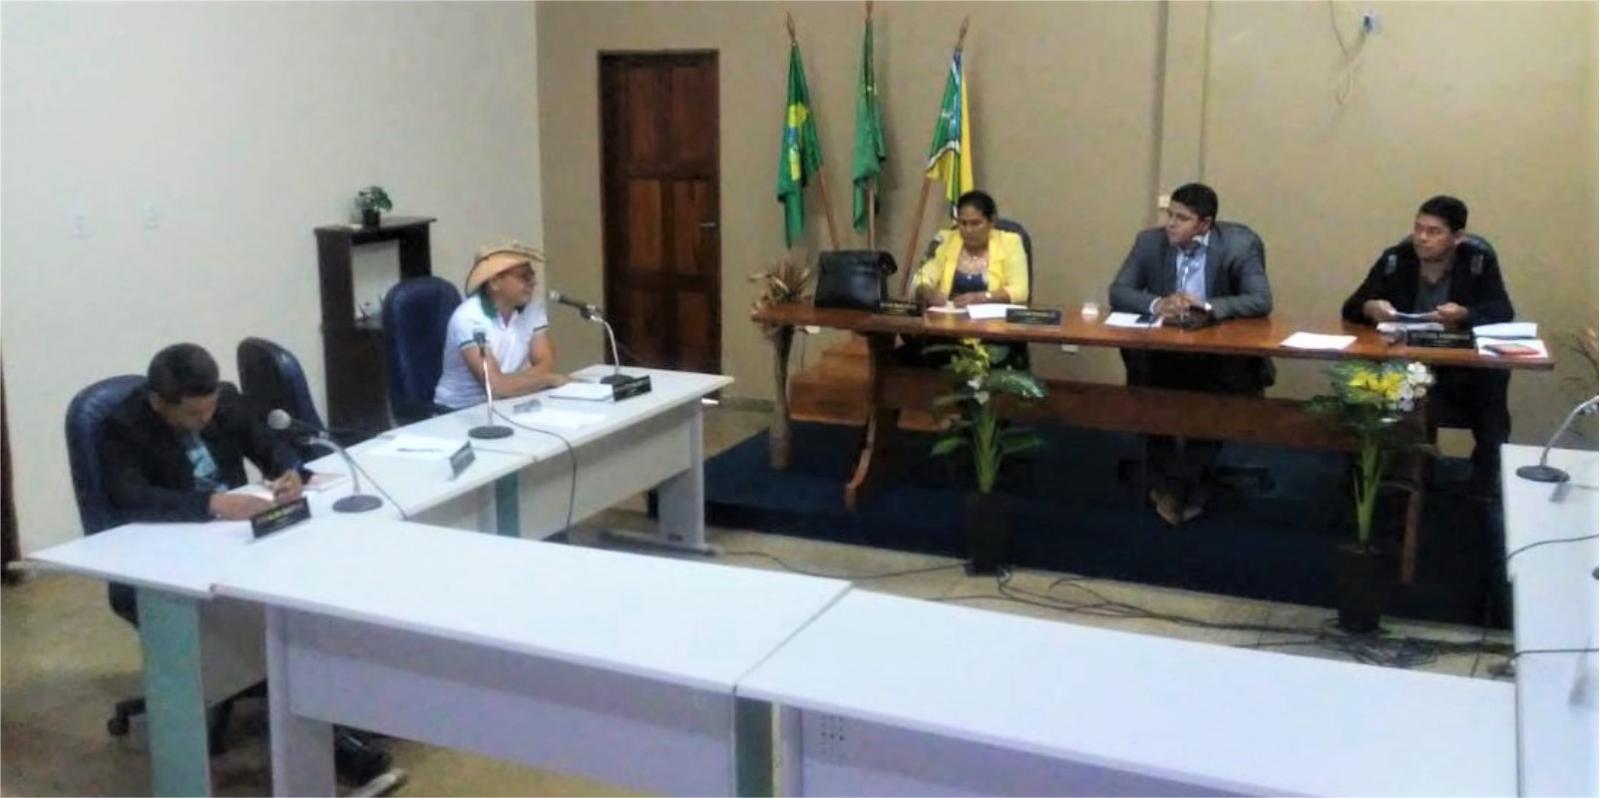 Presidente do Sindicato Rural de Itaubal expõe Plano de Ação 2019 para os vereadores do município